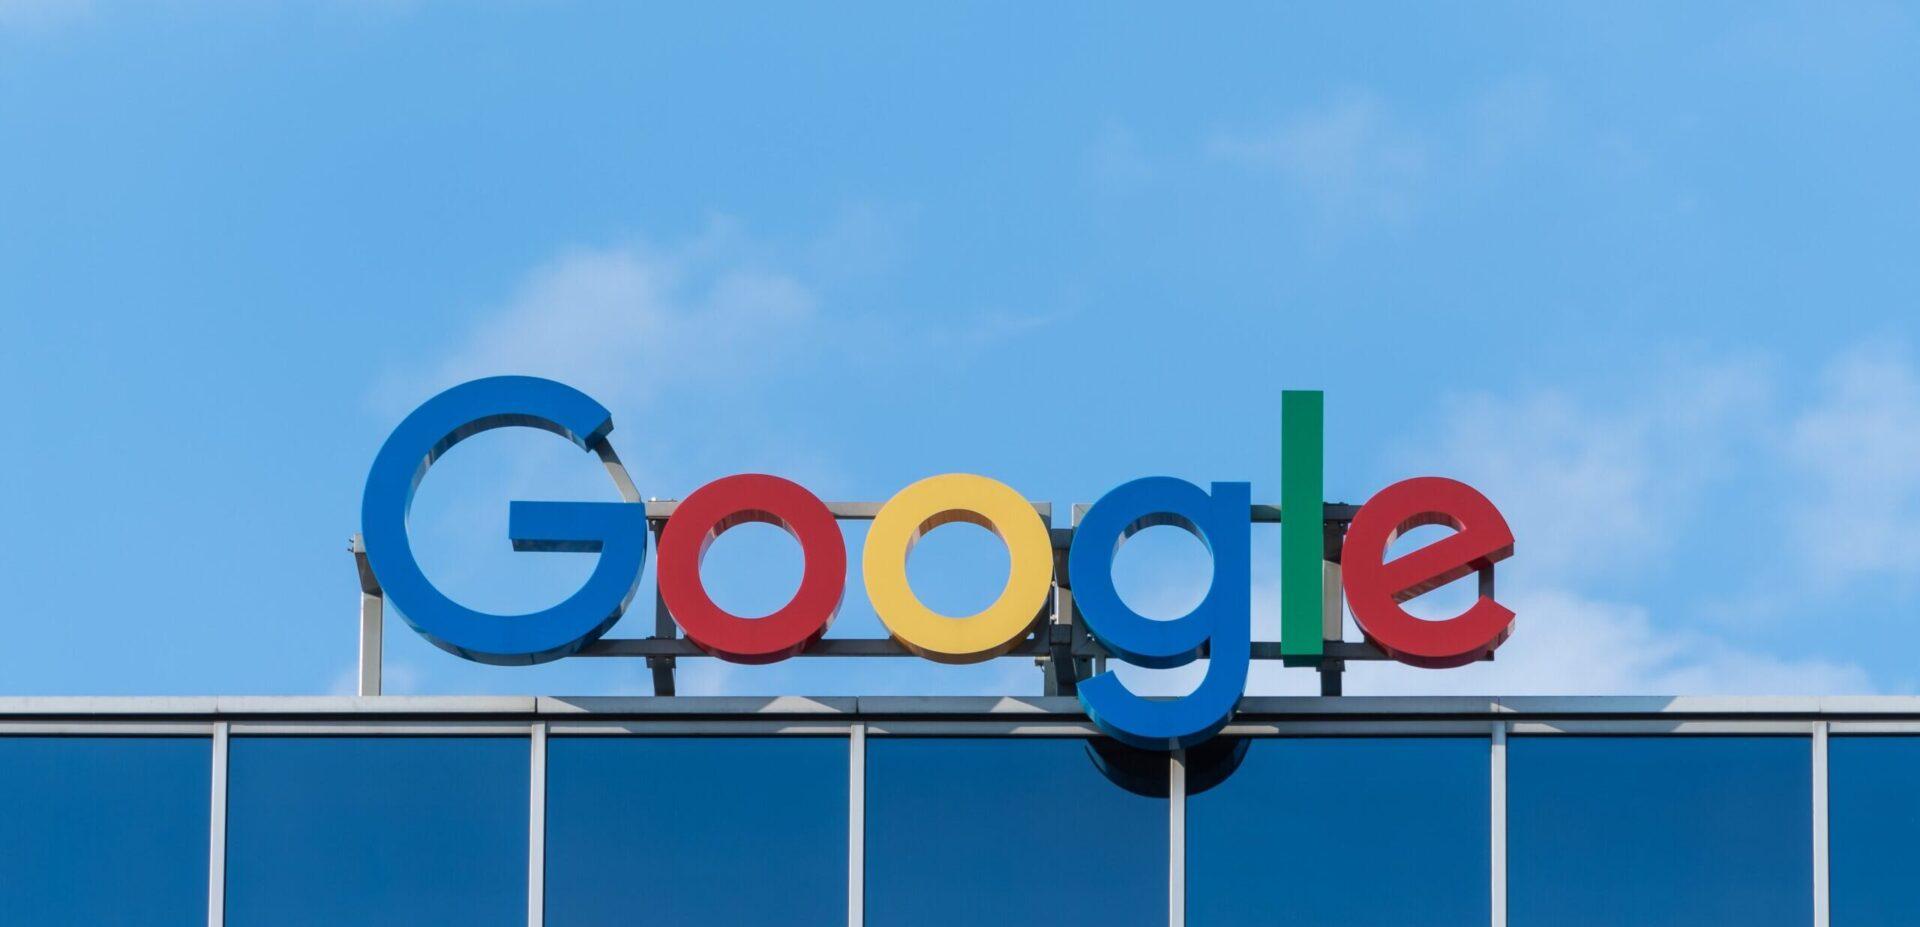 Google Marketing Platform: Alle Tools unter einem Dach